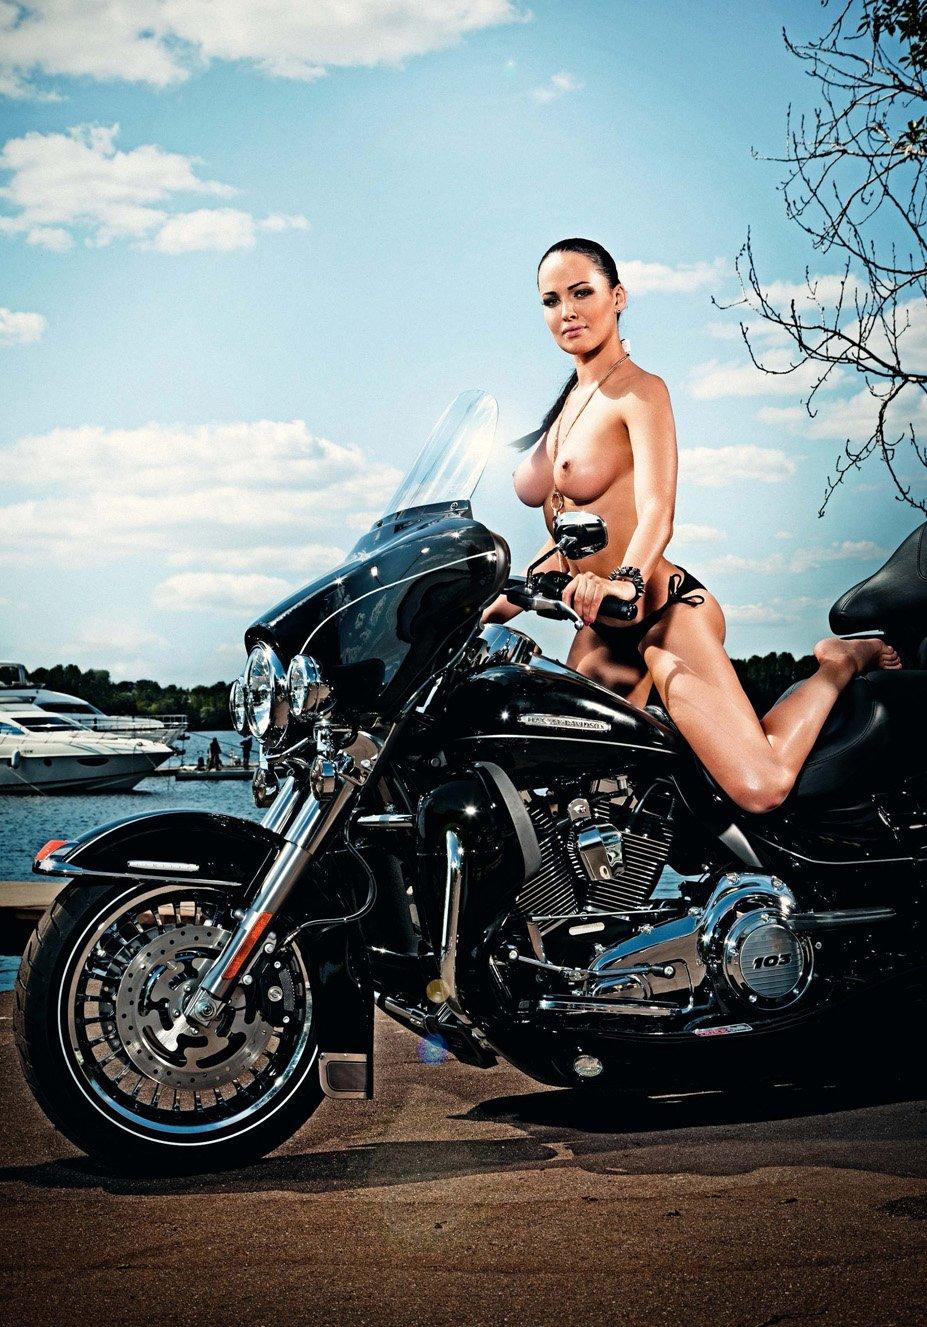 Даша Астафьева в журнале XXL, сентябрь 2012 / фотограф Александр Коробов